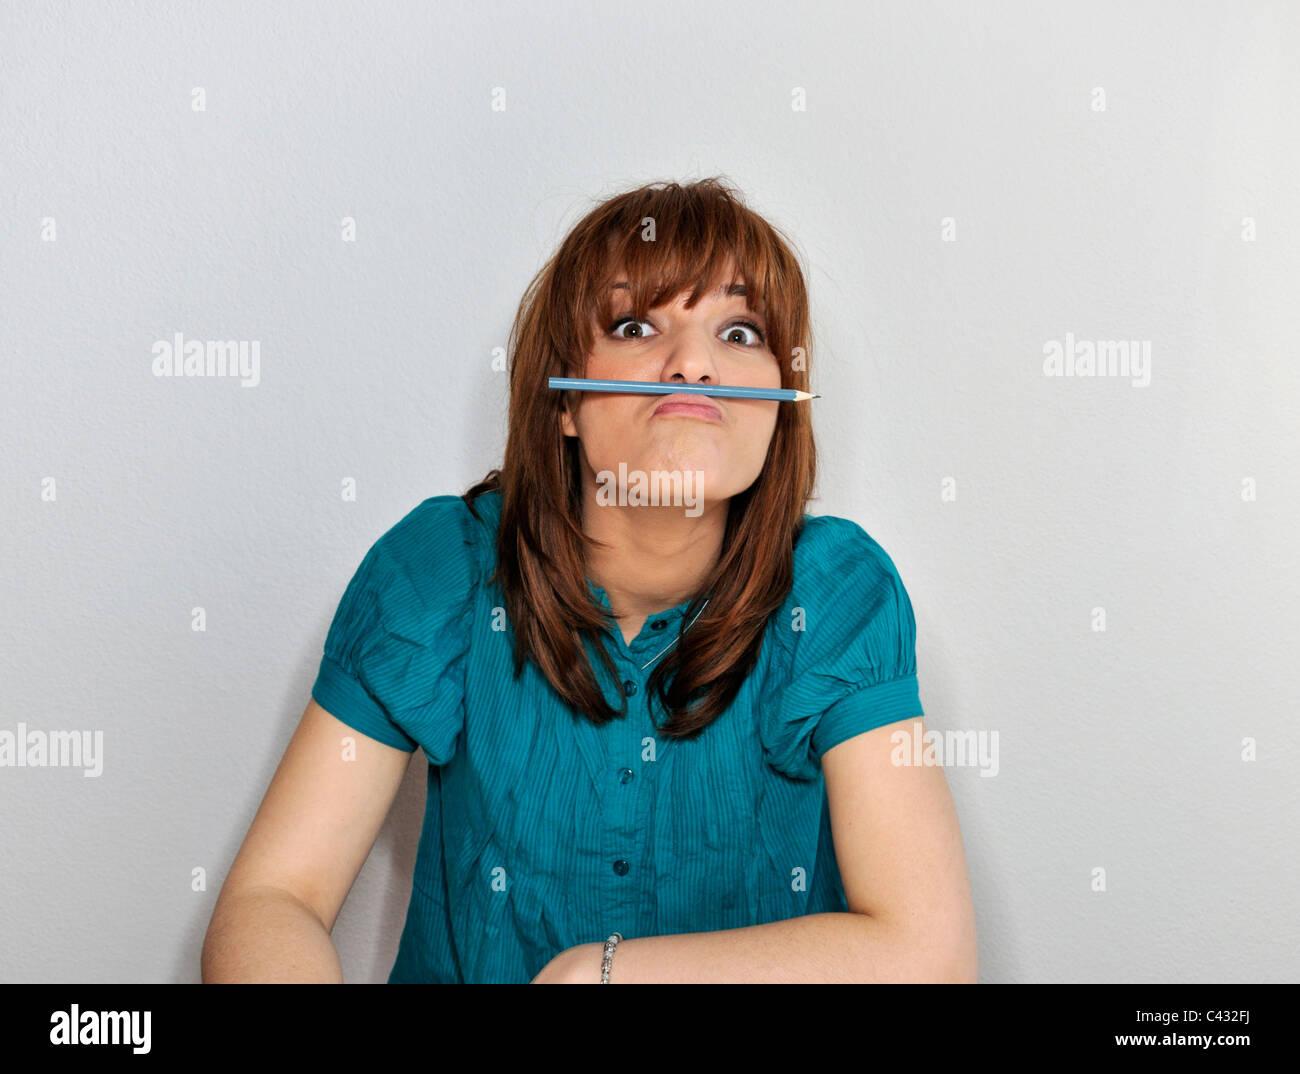 Junge Frau mit Bleistift zwischen Lippe und Nase Stockbild